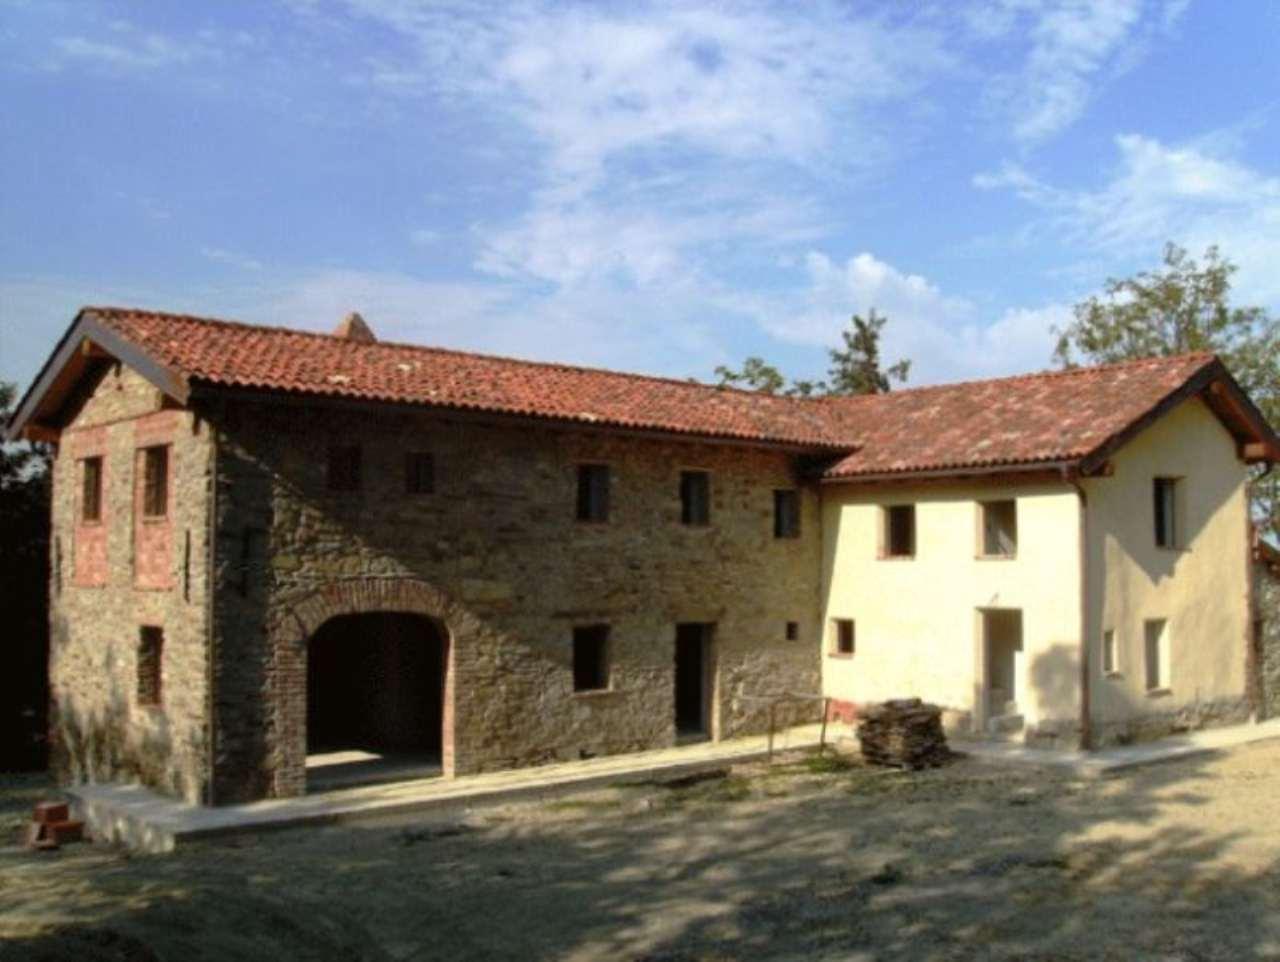 Rustico / Casale in vendita a Morsasco, 6 locali, prezzo € 600.000 | CambioCasa.it